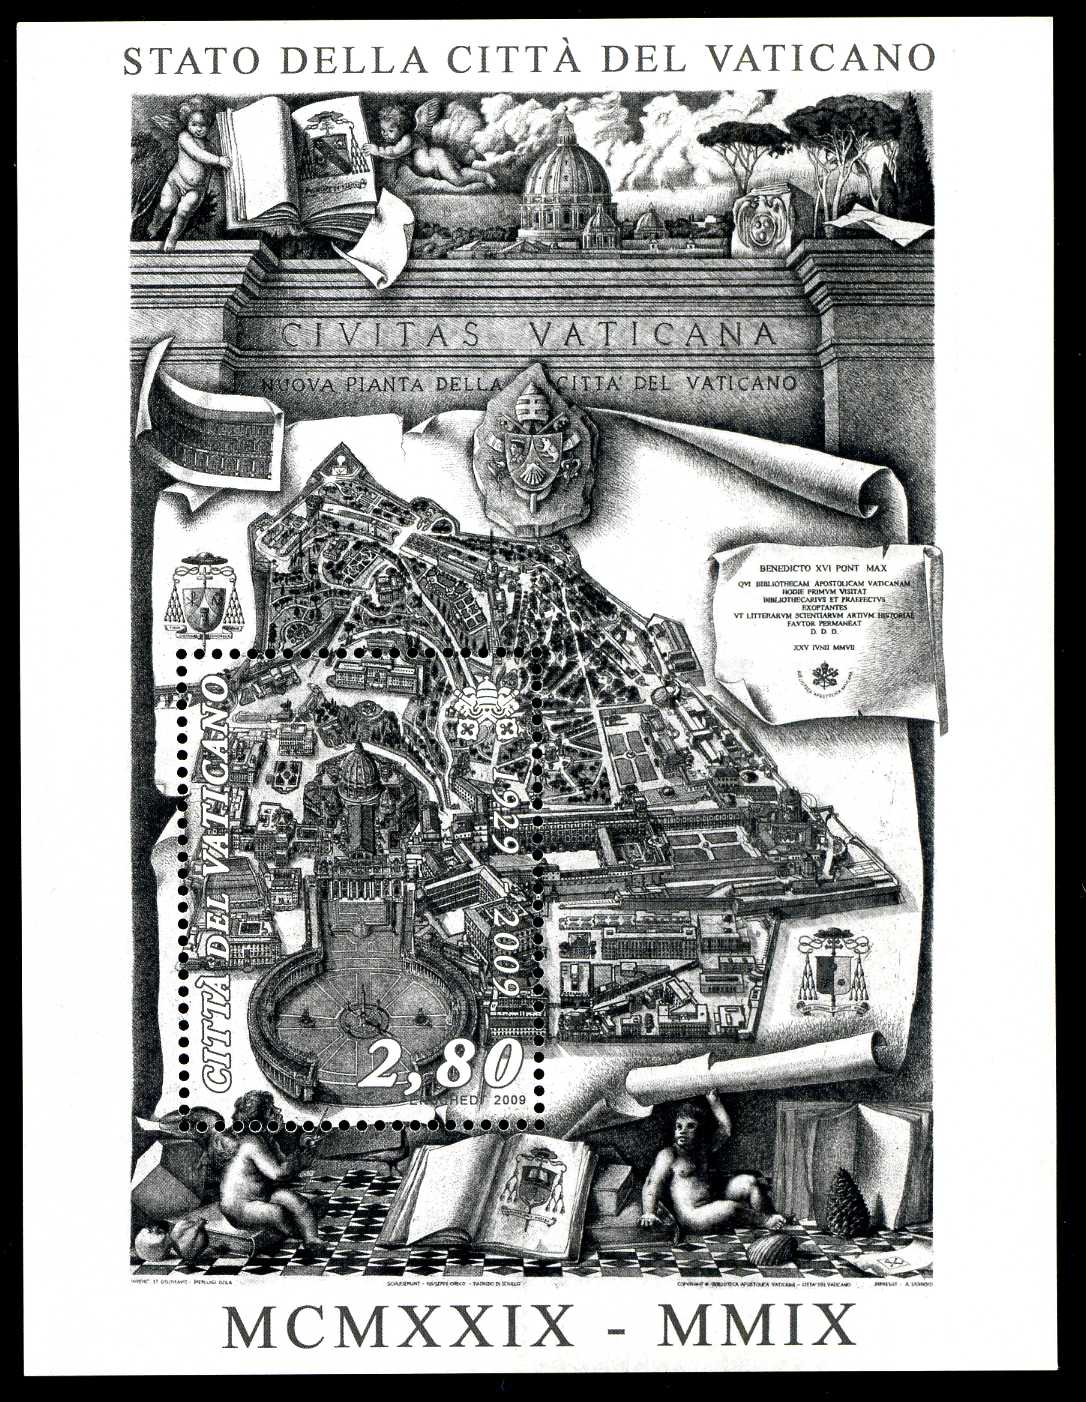 VA 006 2009 80 J. Gründung Vatikanstaat.jpg